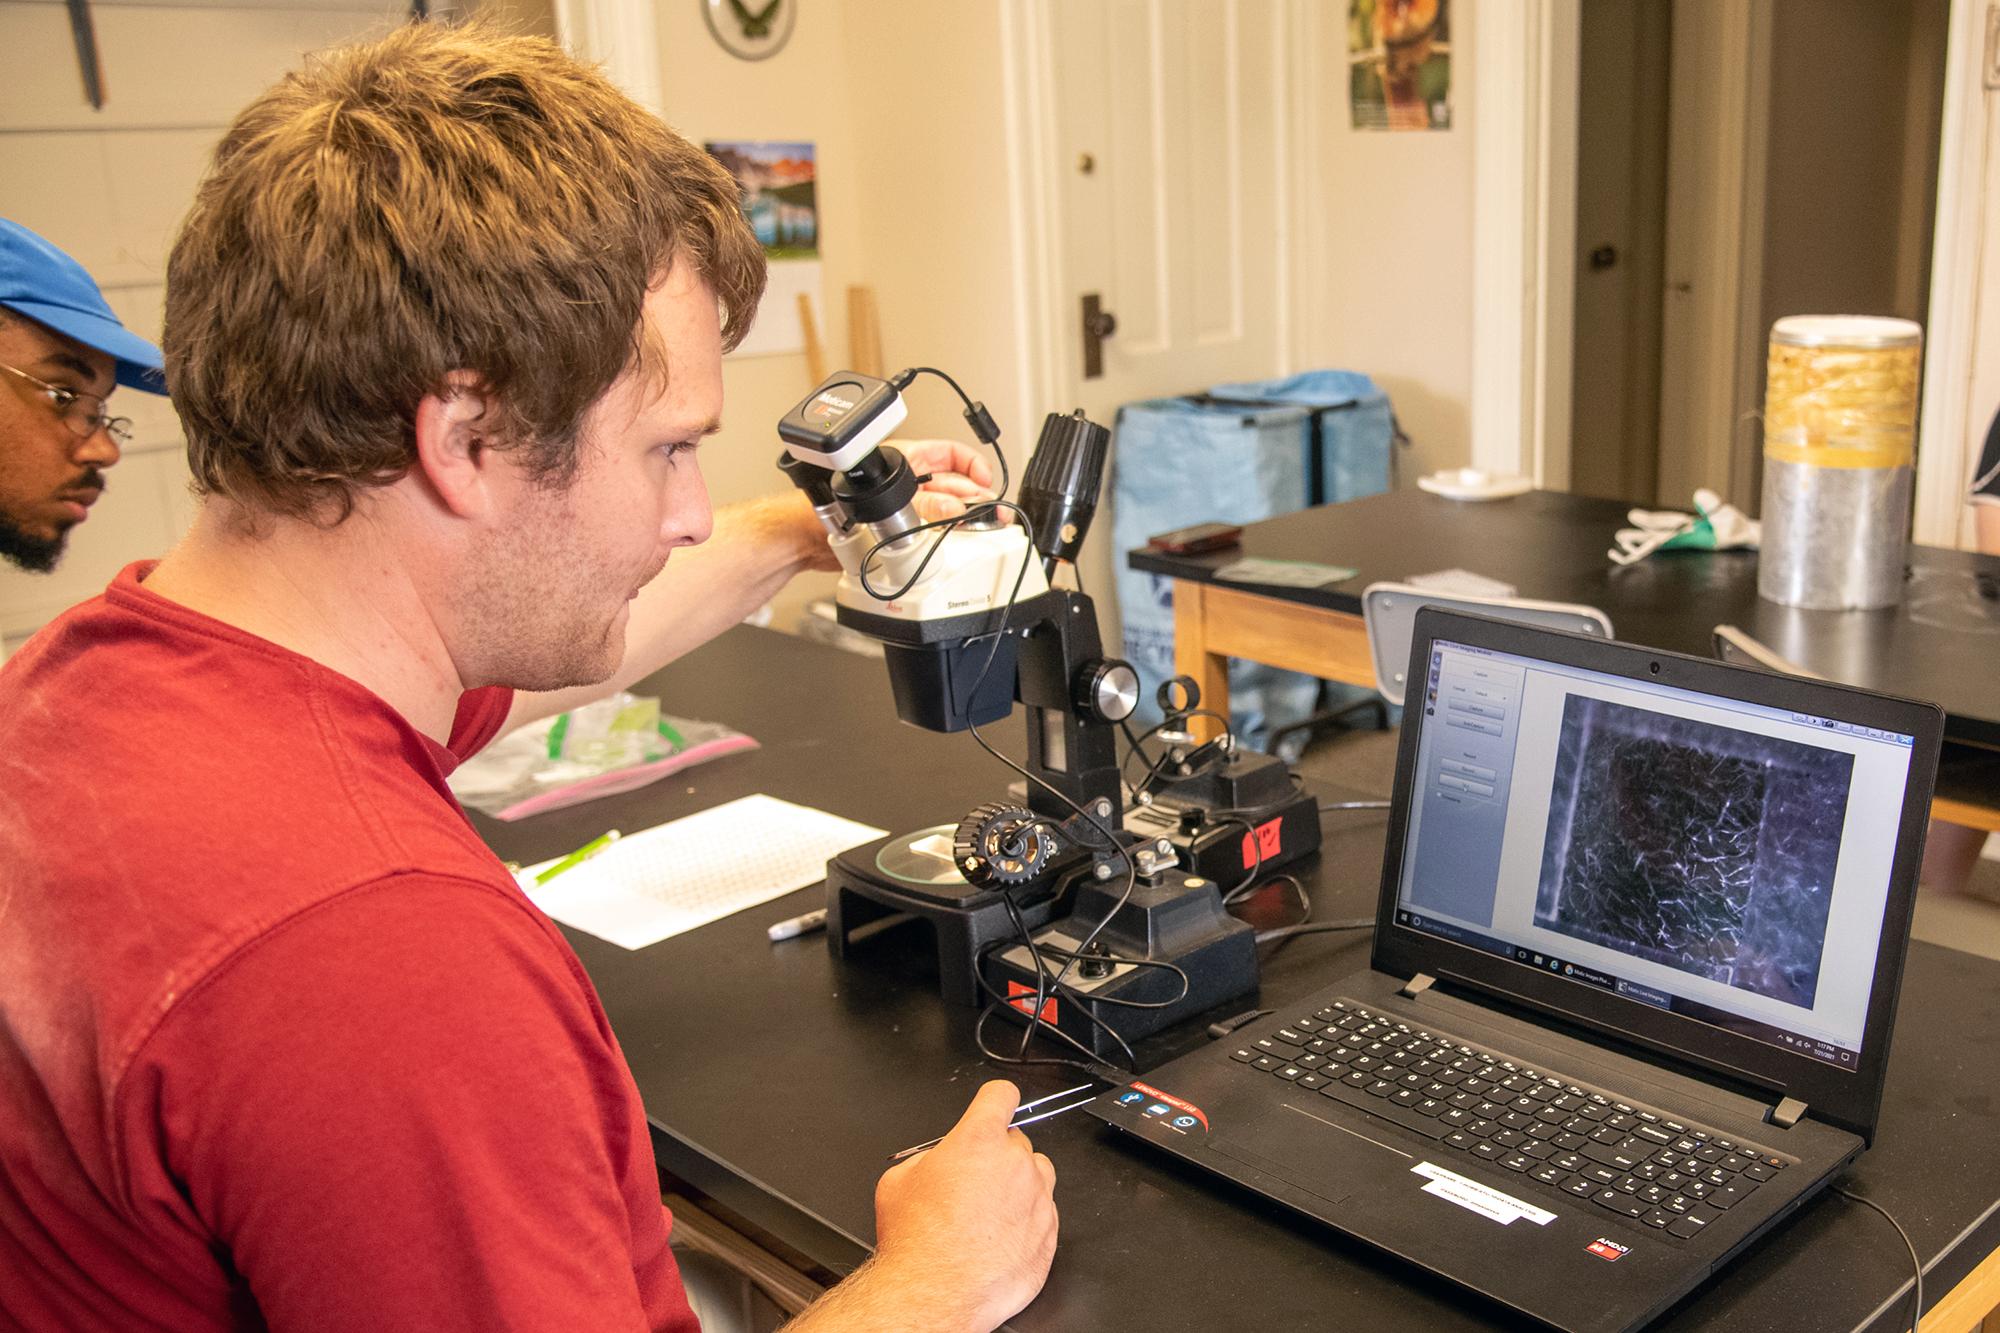 Paul Gehl looks through a microscope via a laptop